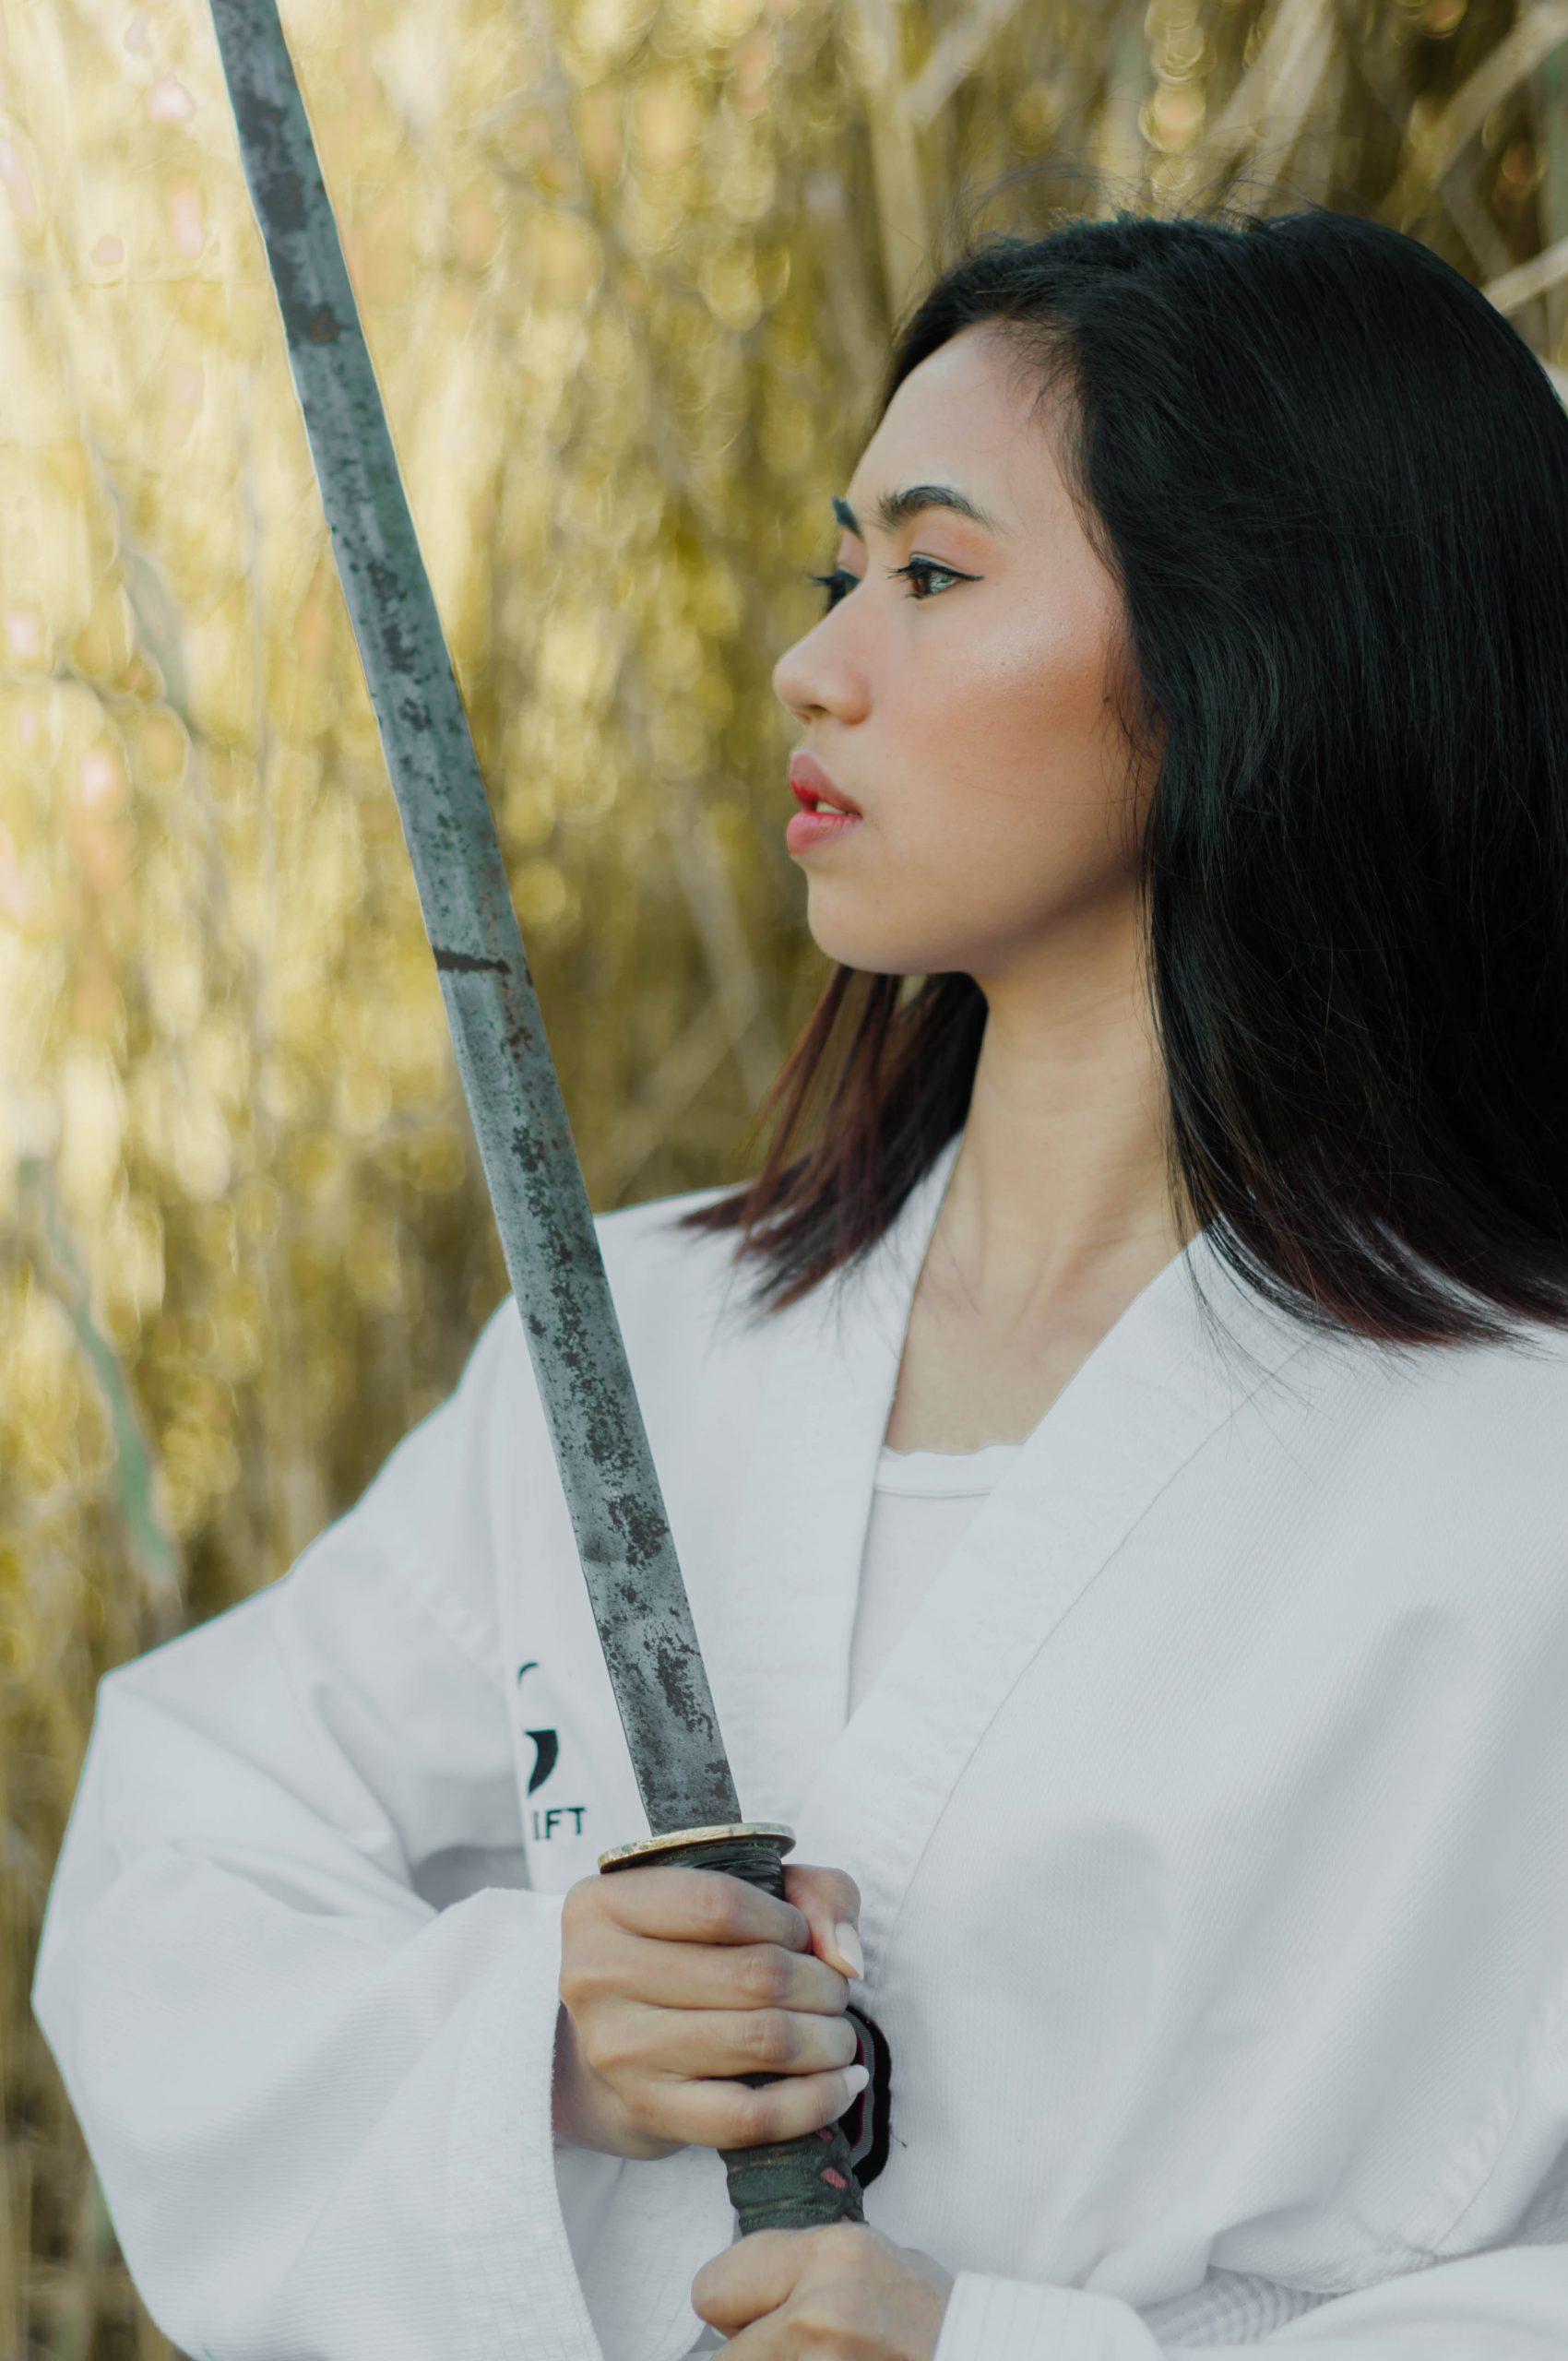 Samurai Editing